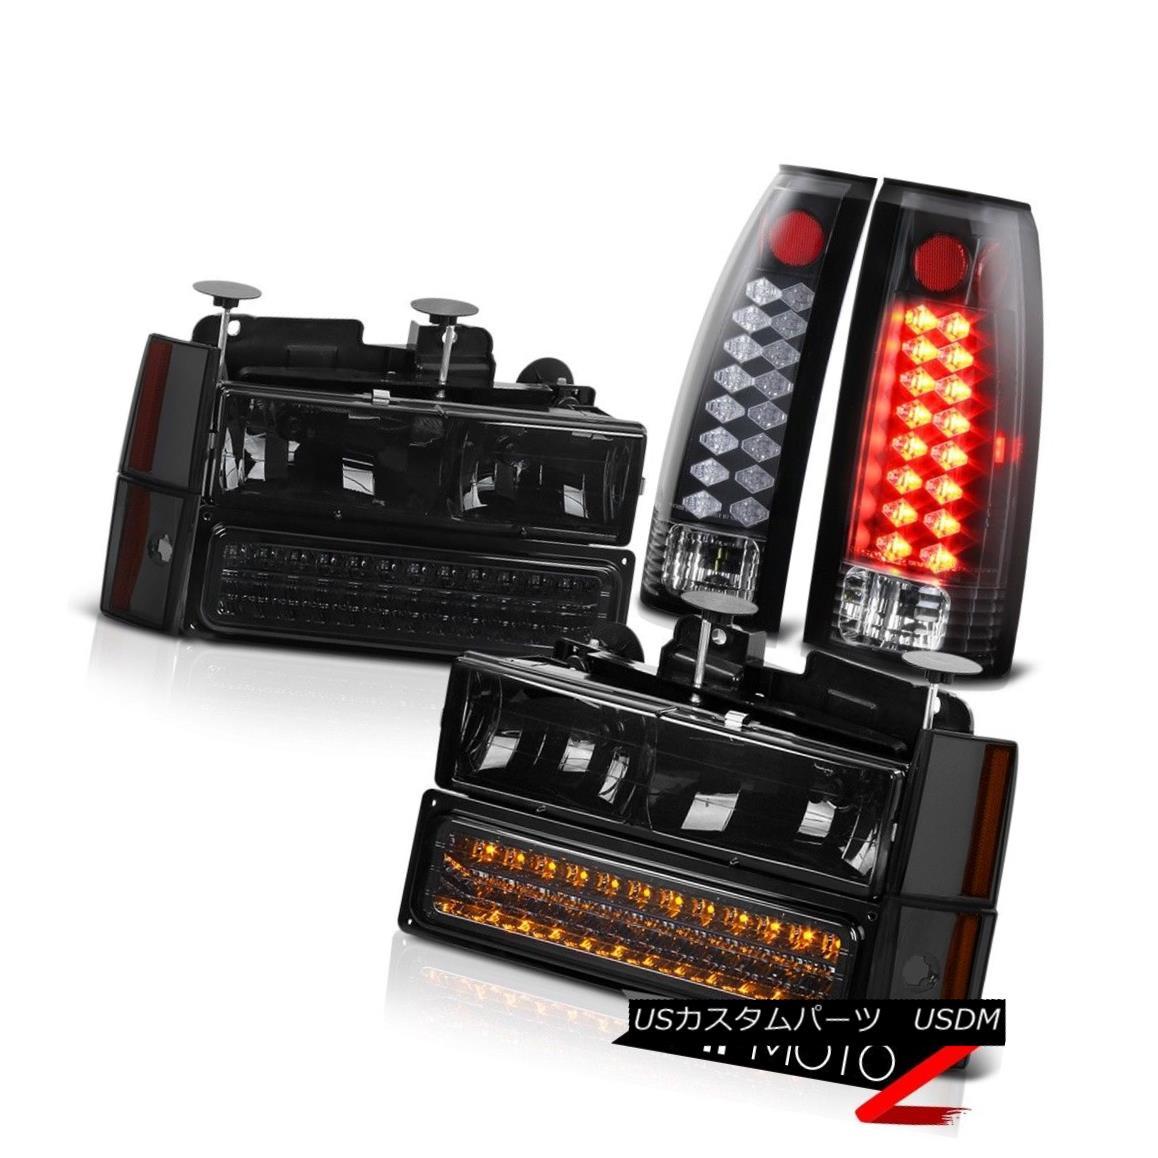 テールライト 1988 1989 1990 1991 1992 1993 CK 1500 2500 Smoke Headlights LED Black Brake Lamp 1988 1989 1990 1991 1992 1993 CK 1500 2500スモークヘッドライトLEDブラックブレーキランプ